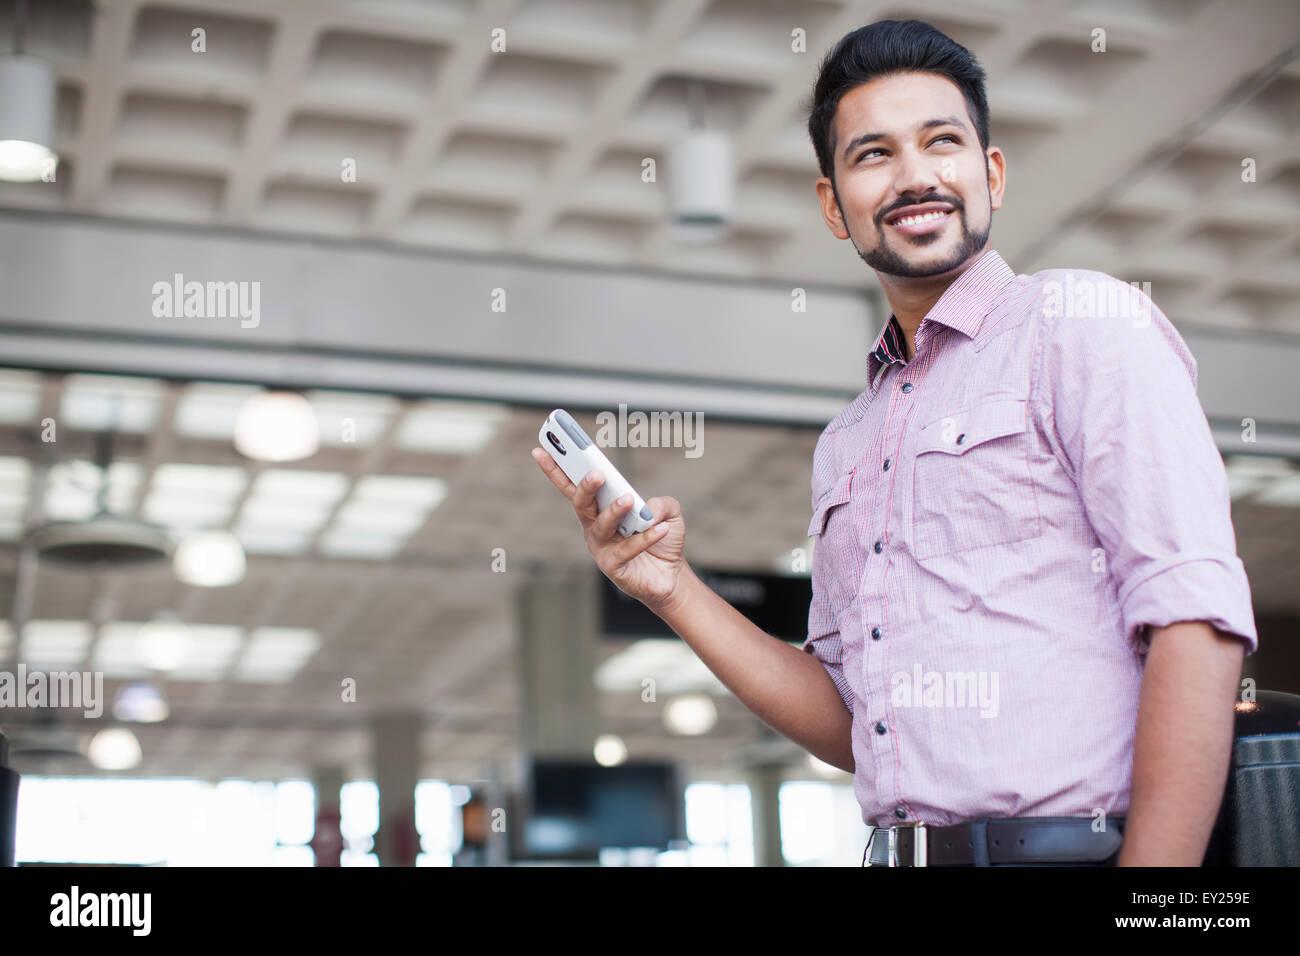 Basso angolo vista del giovane uomo utilizza lo smartphone in una stazione ferroviaria Immagini Stock